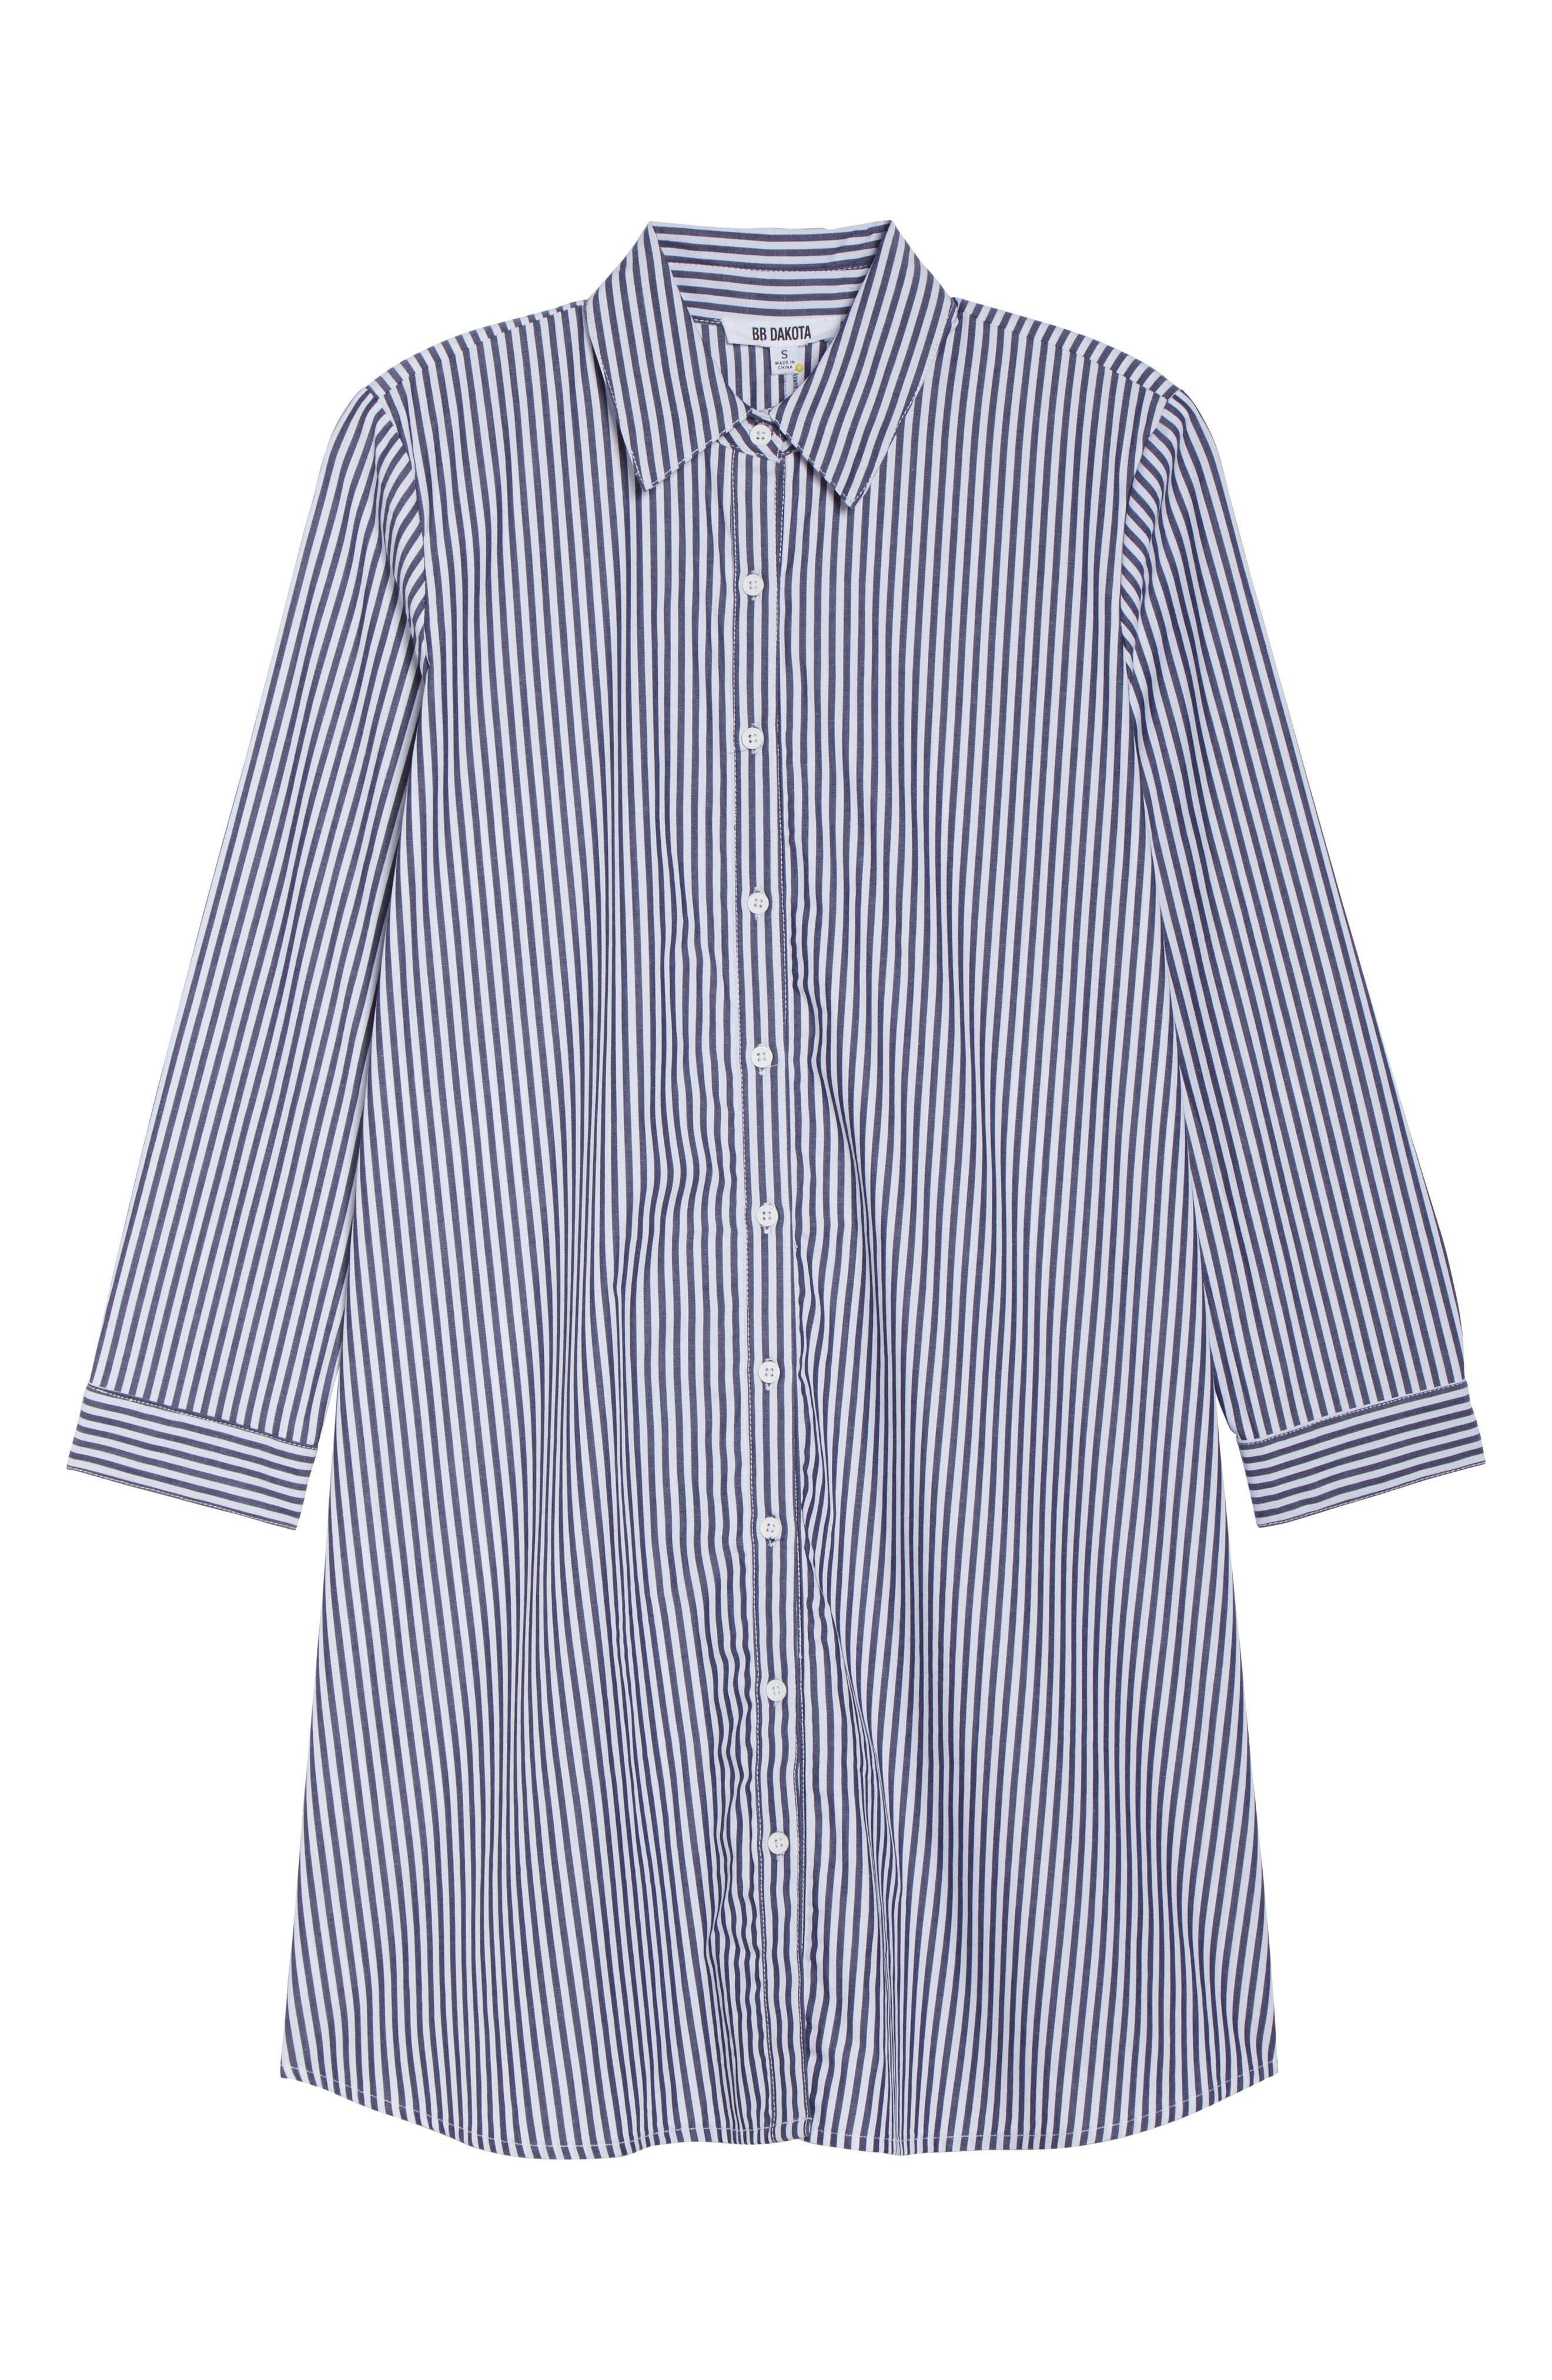 Olsen Stripe Shirtdress,                             Alternate thumbnail 6, color,